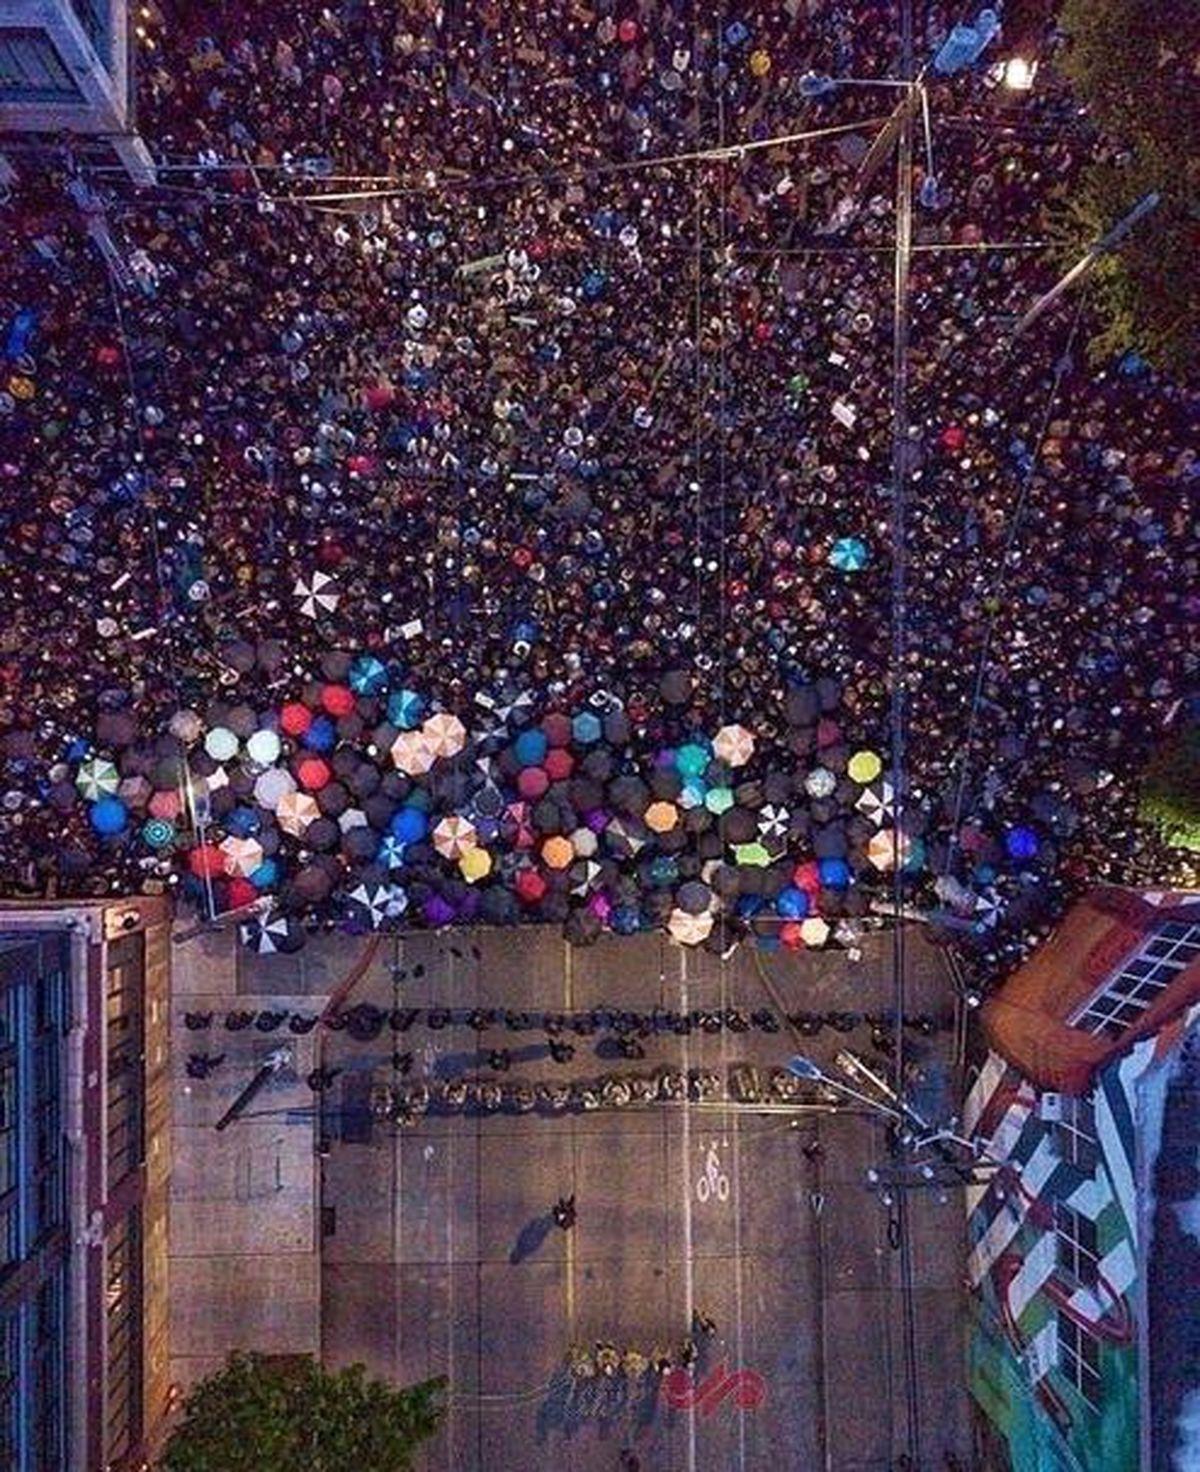 تصویر هوایی از صف معترضان و پلیس در سیاتل آمریکا